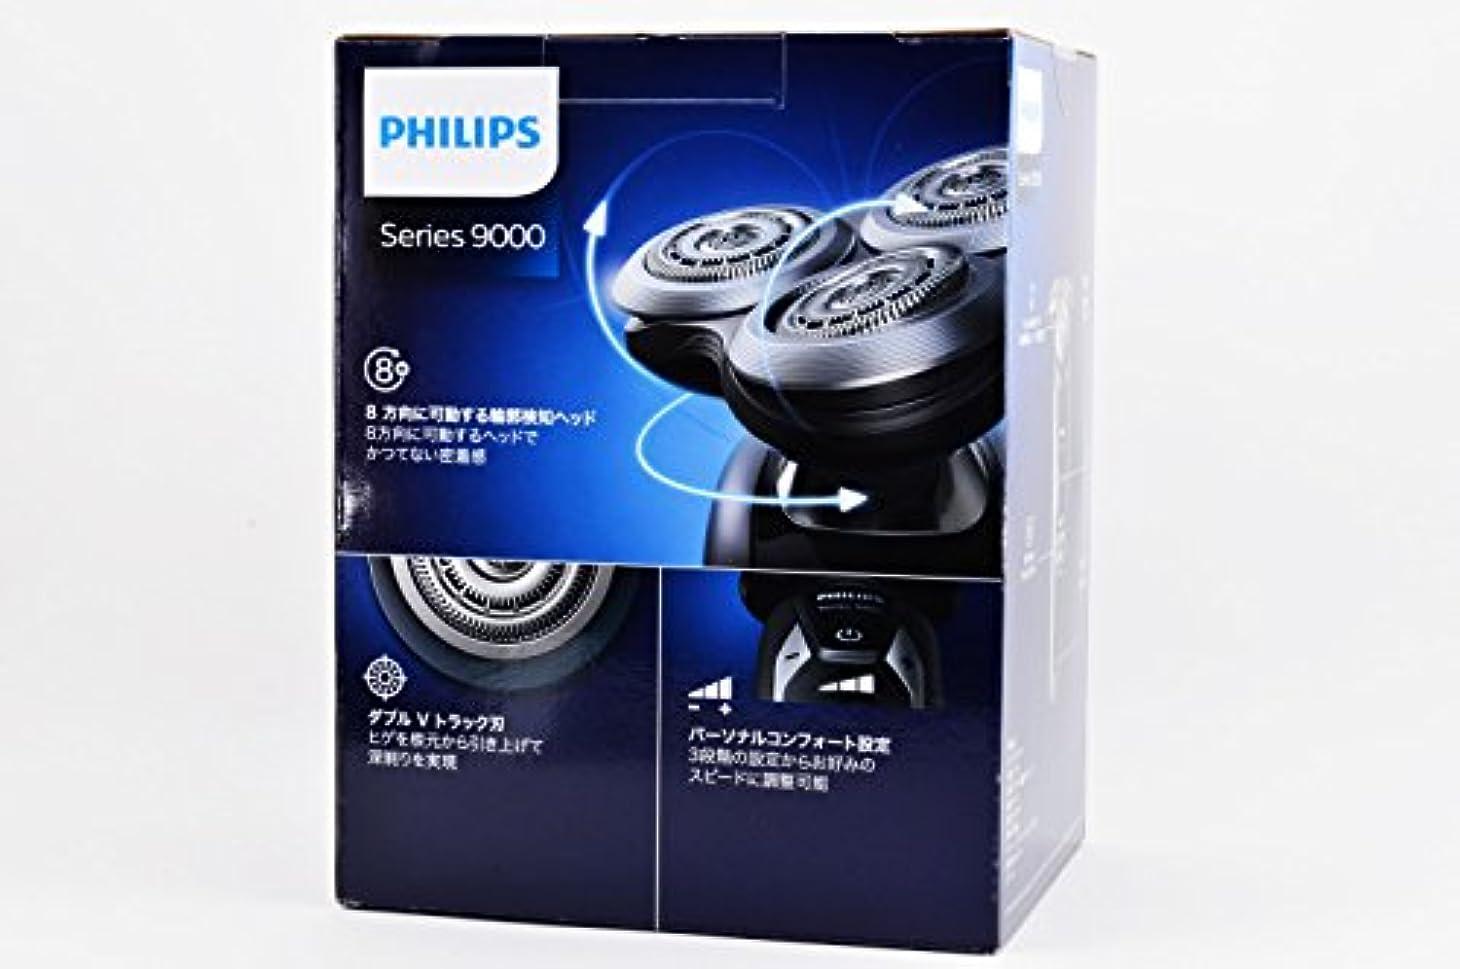 証書ずっとカウントアップフィリップス 電気シェーバー (ブラック/シルバー)PHILIPS 9000シリーズ ウェット&ドライ S9732/33